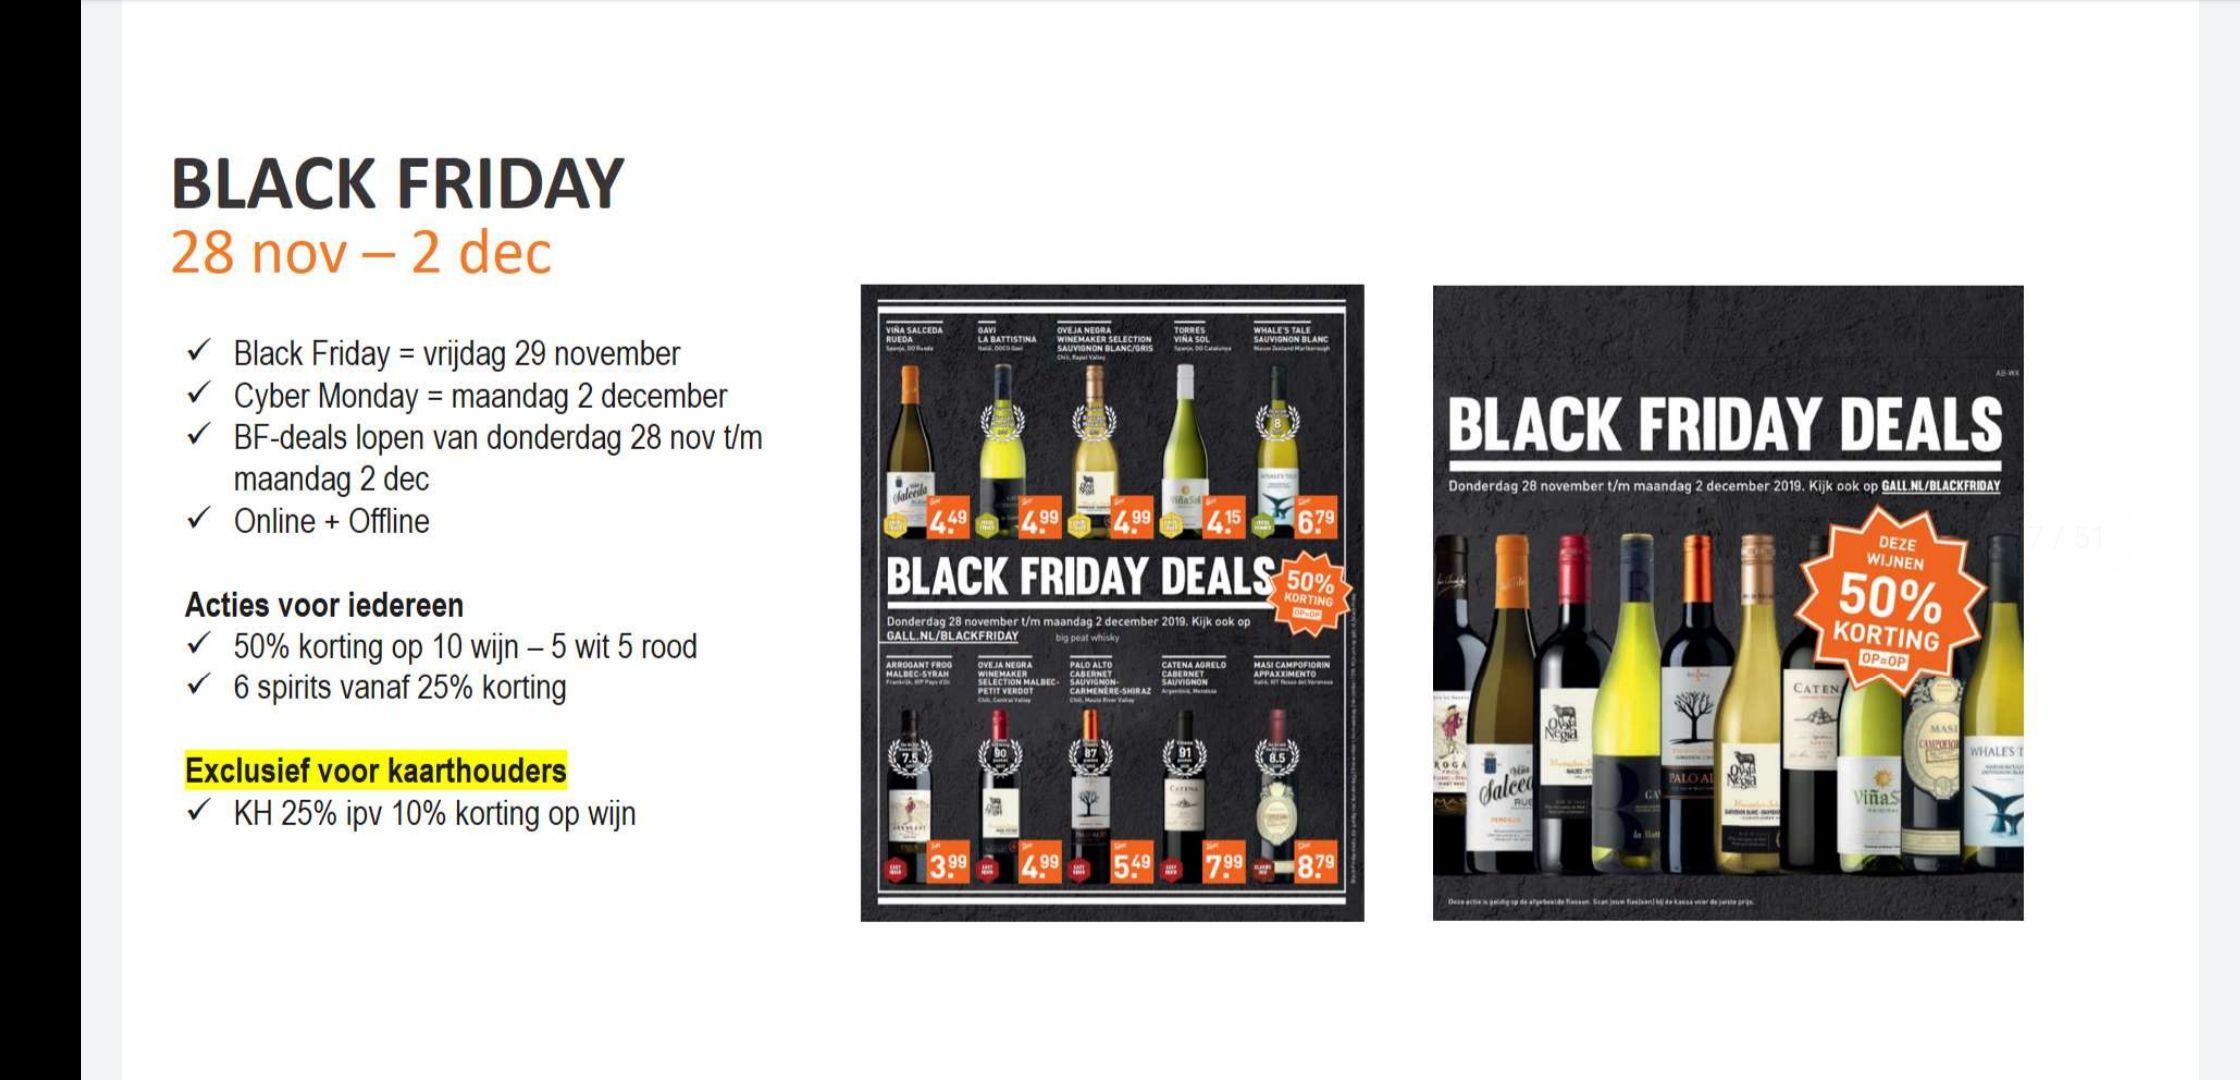 Blackfriday deals Gall&Gall